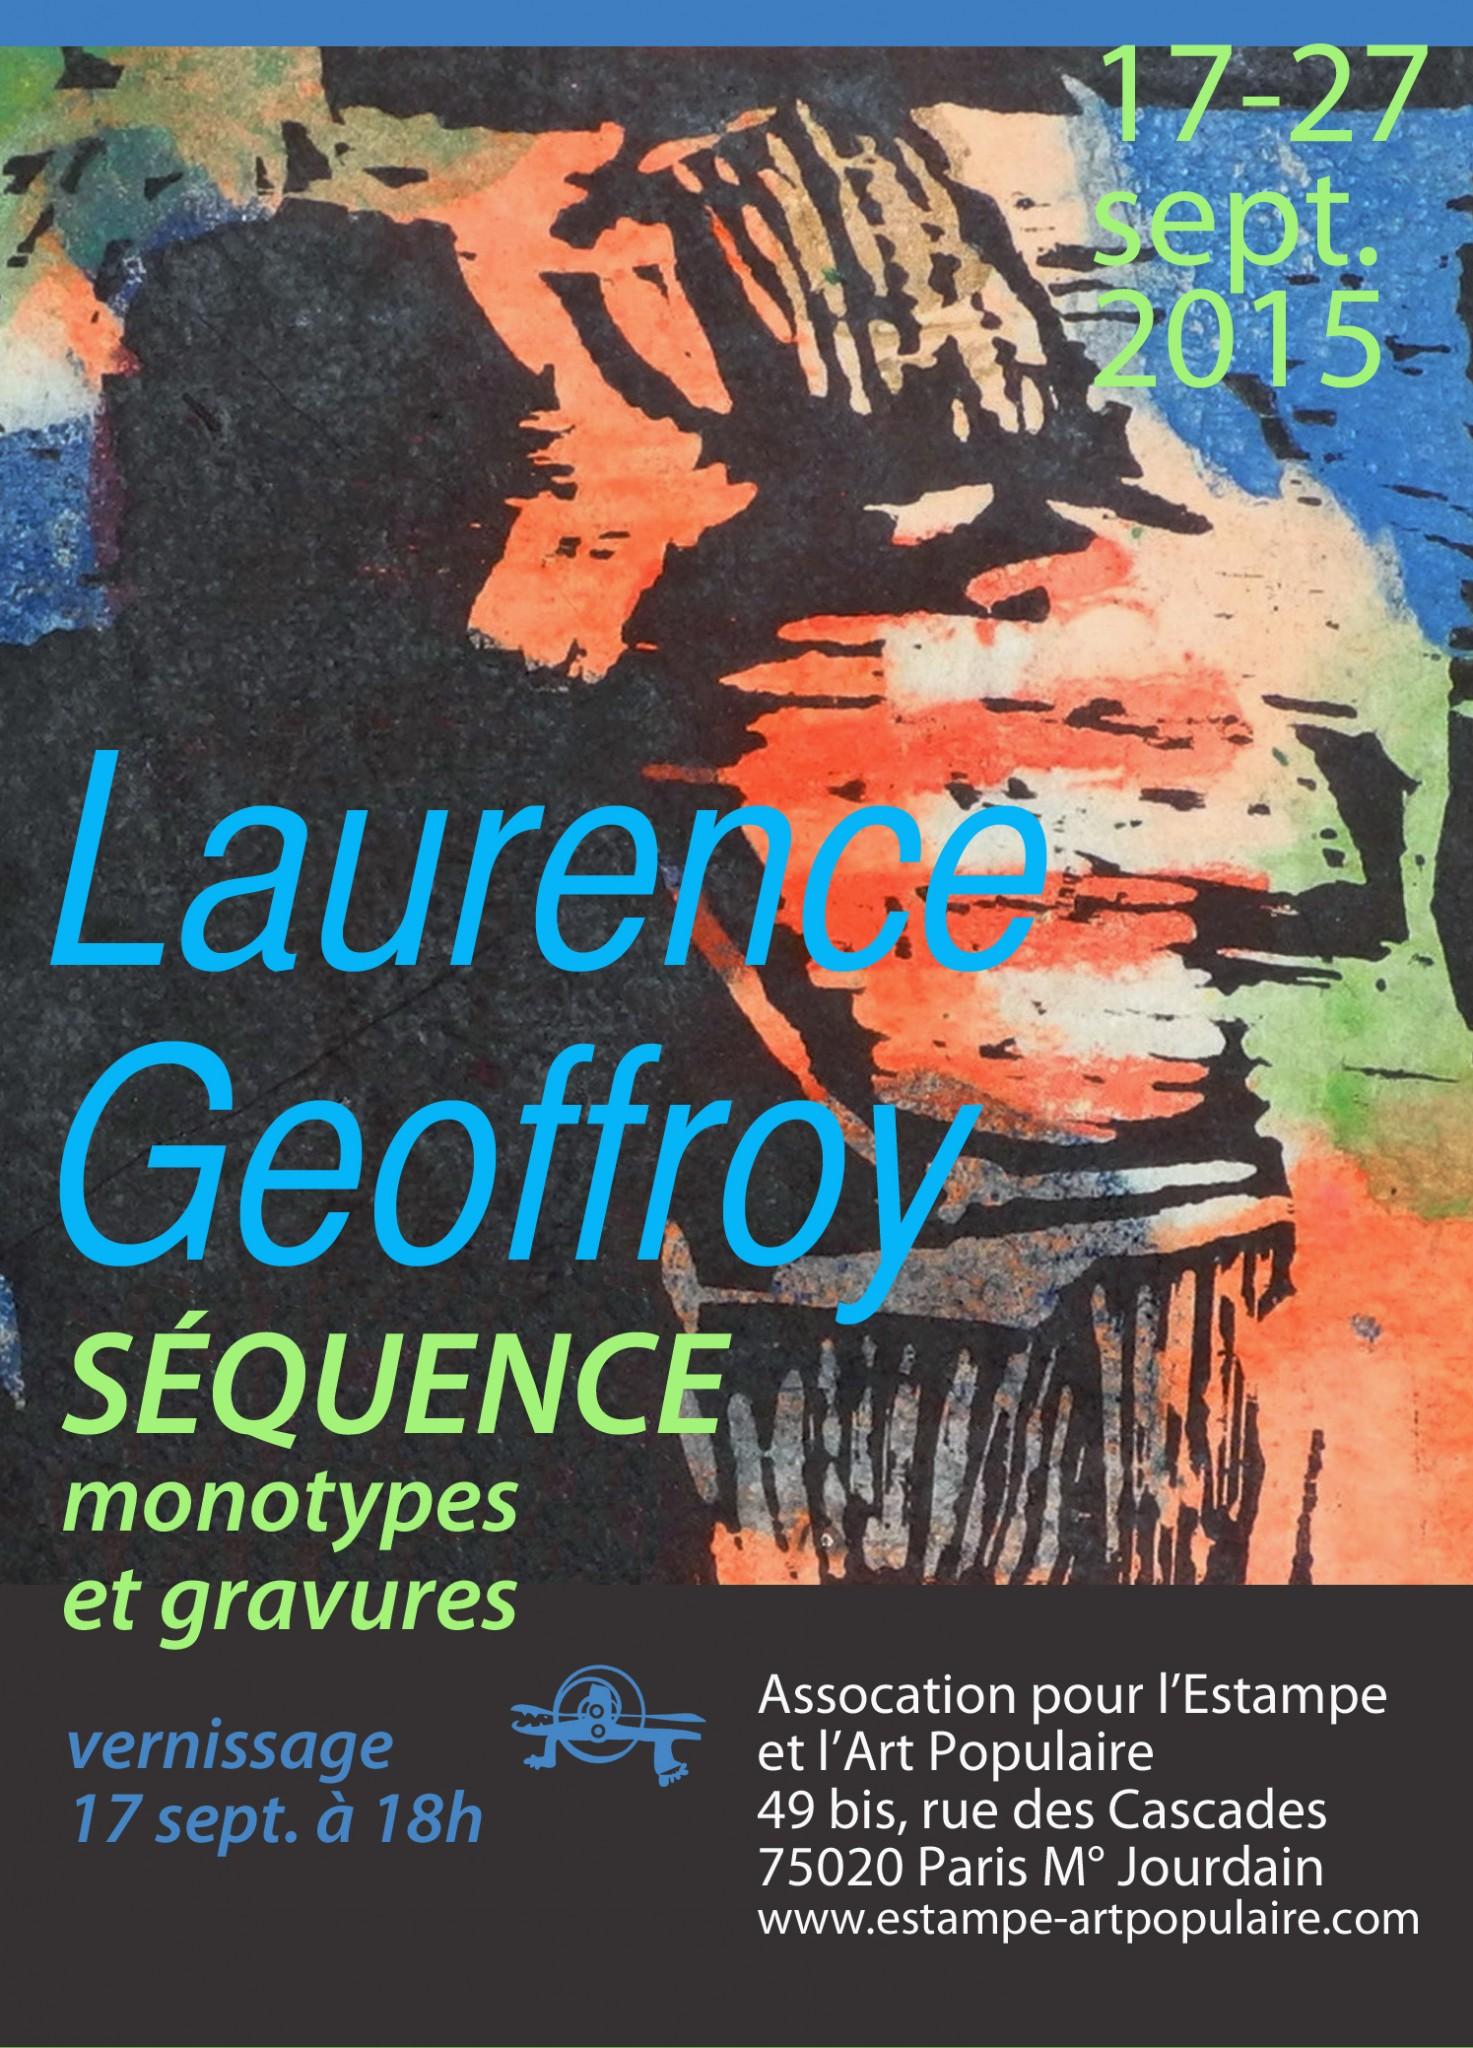 Galerie de l'association pour l'estampe et l'art populaire